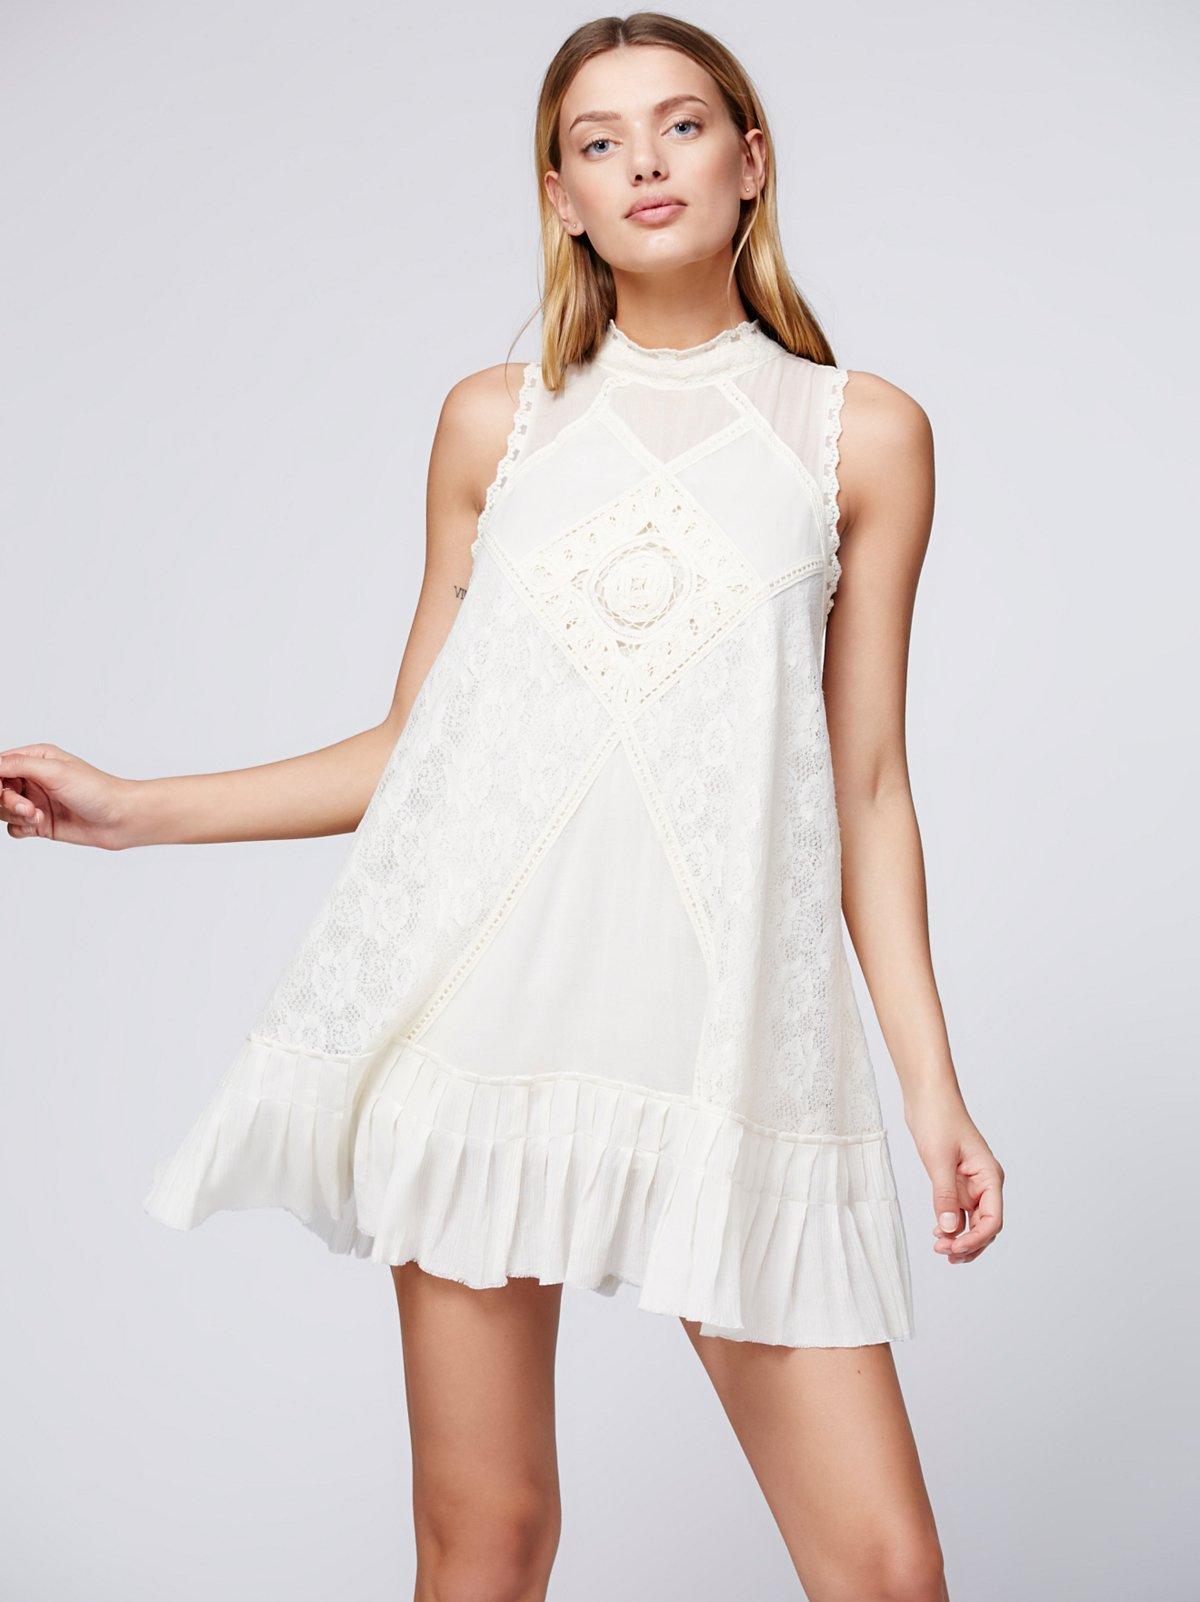 FP ONE天使蕾丝连衣裙